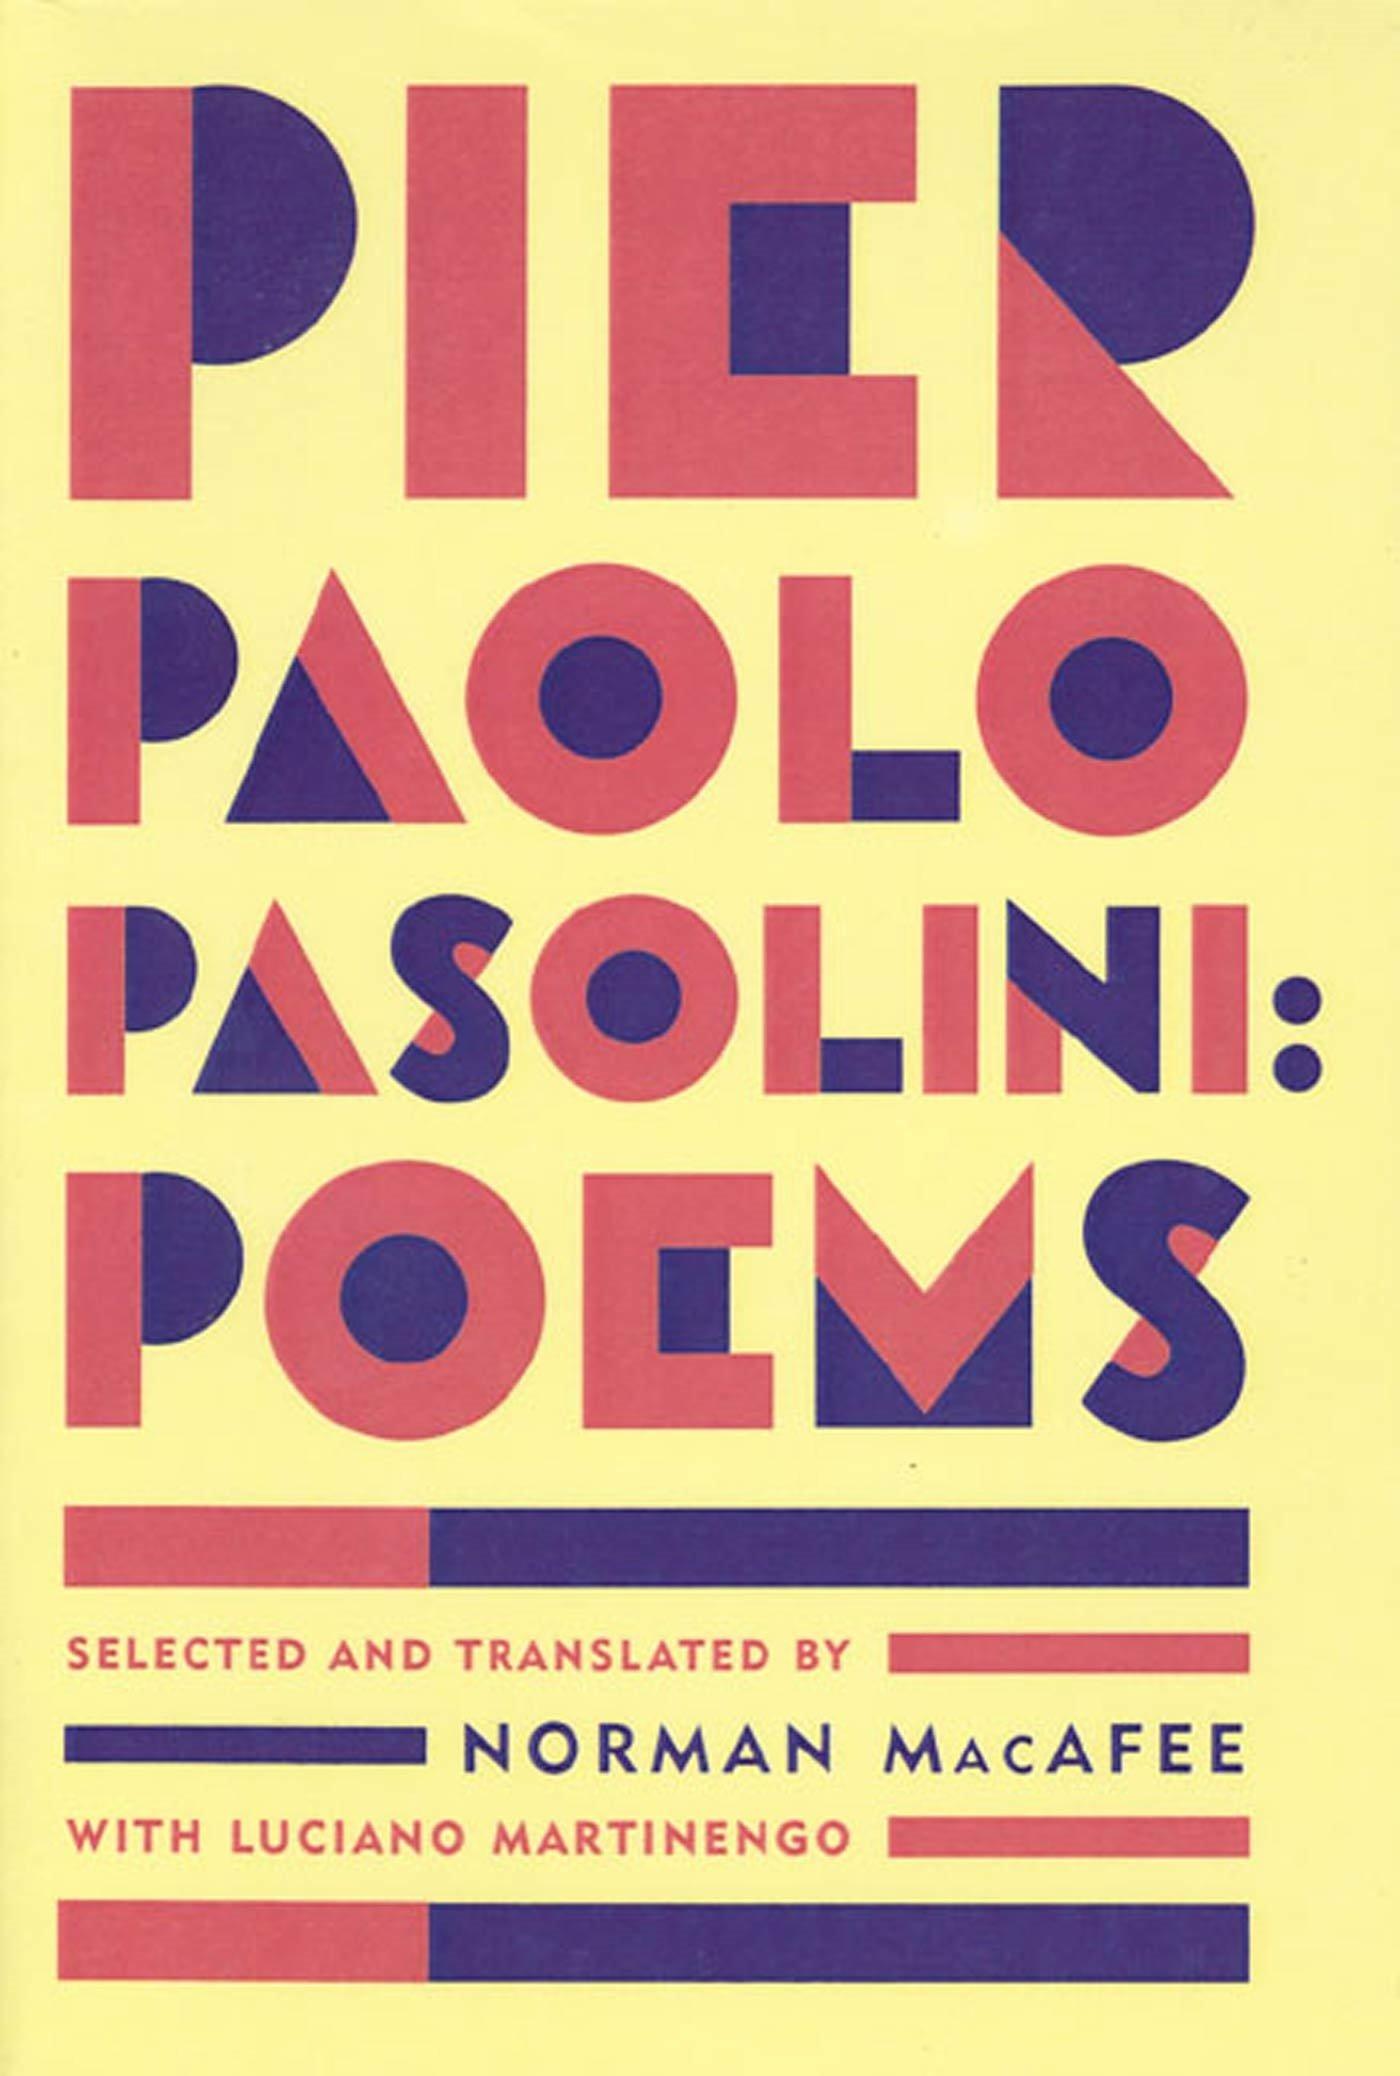 PIER PAOLO PASOLINI: POEMS Paperback – April 30, 1996